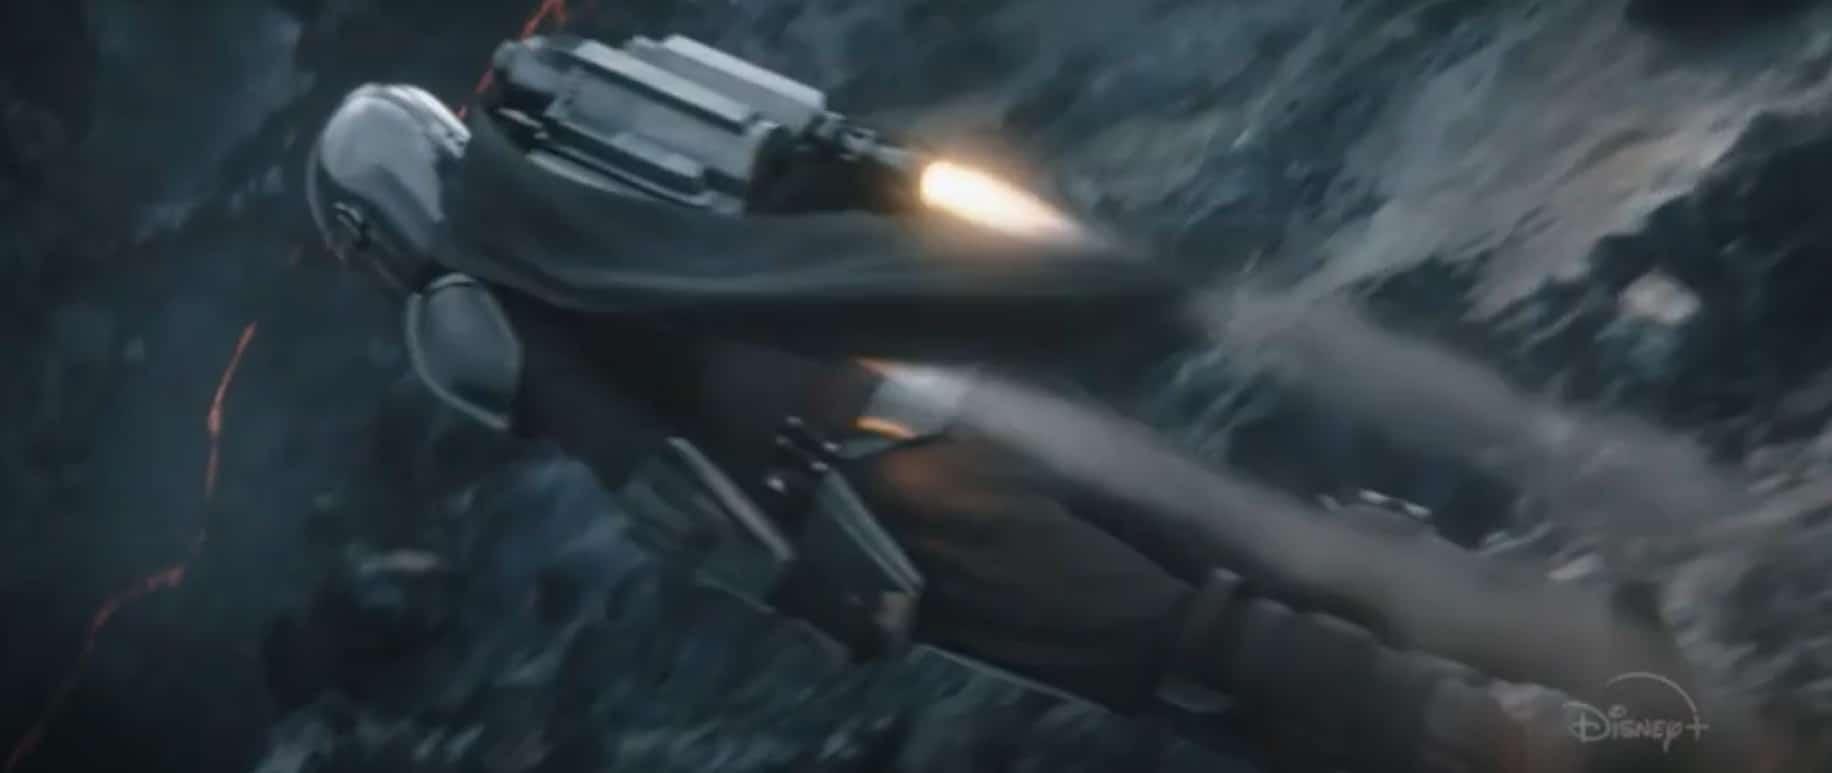 , [RUMOR] The Mandalorian: la terza stagione sarà l'ultima, Star Wars Addicted